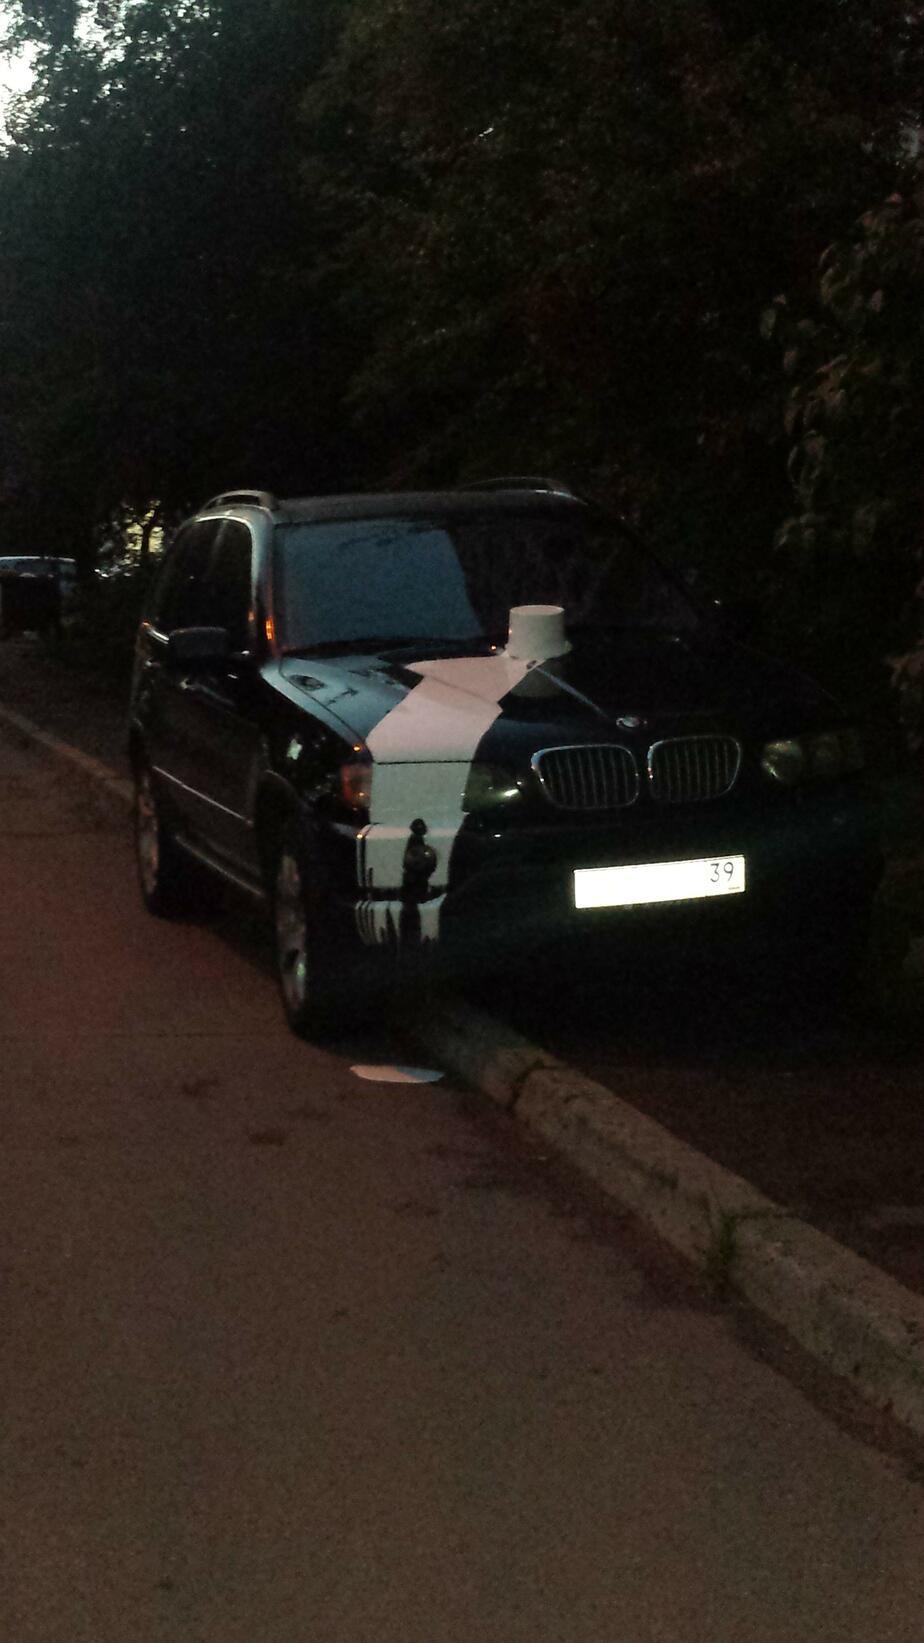 В Калининграде на БМВ Х5, припаркованный на тротуаре, вылили краску - Новости Калининграда